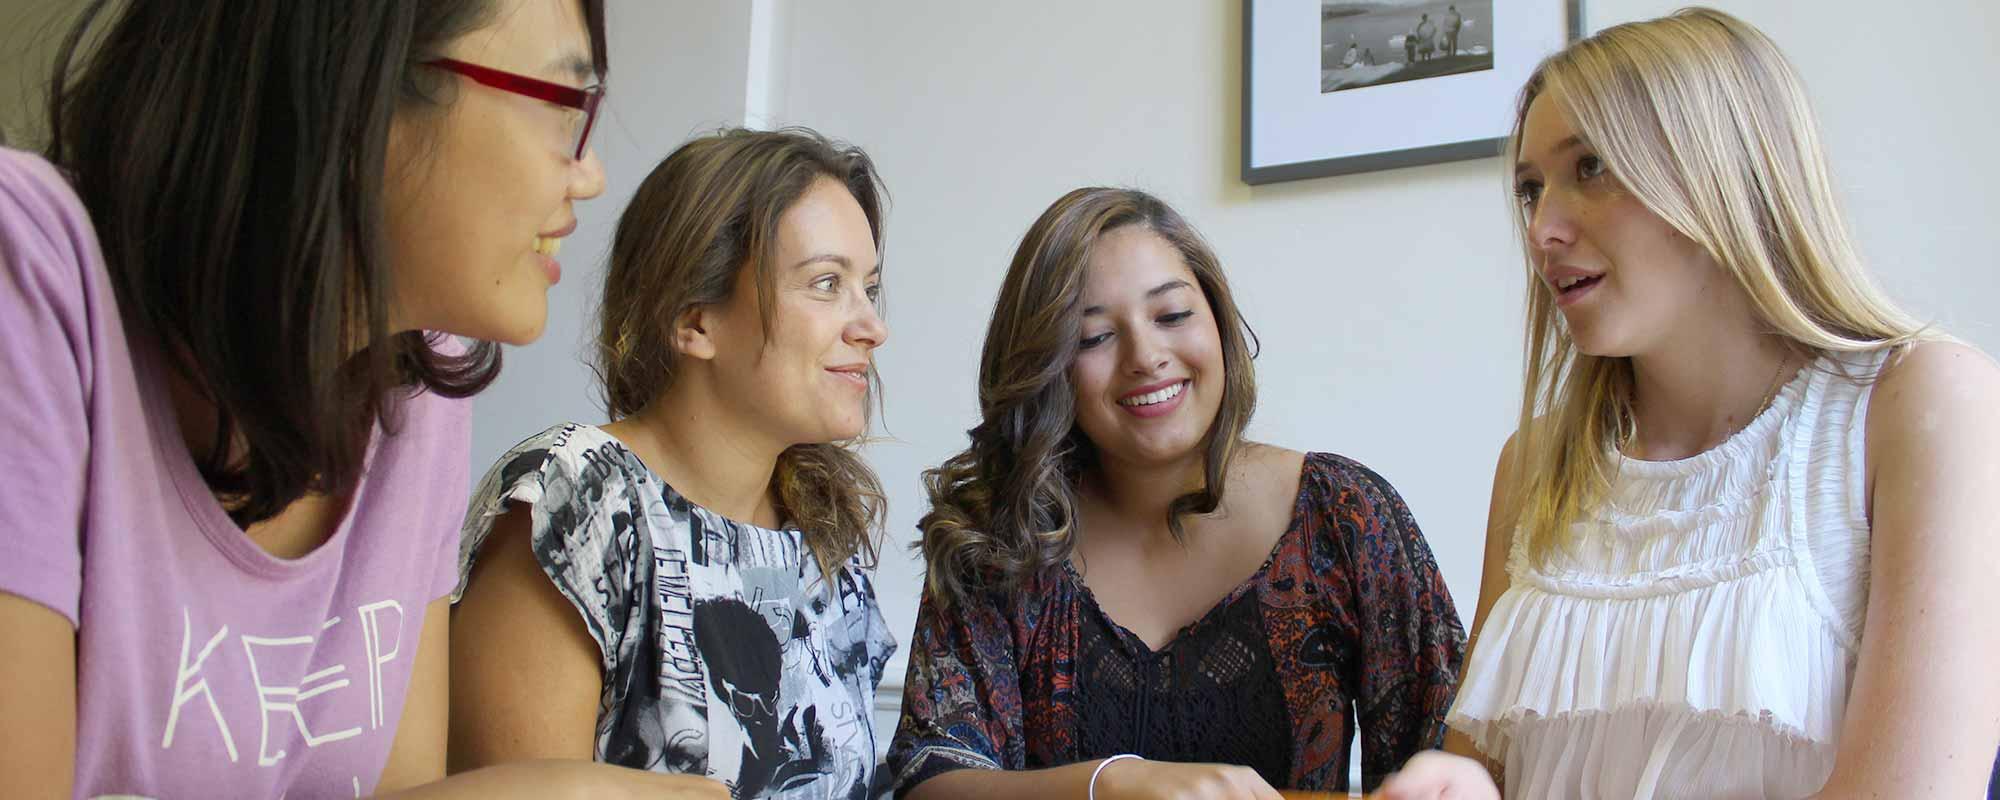 Apprendre le français à L'Alliance Française Montpellier